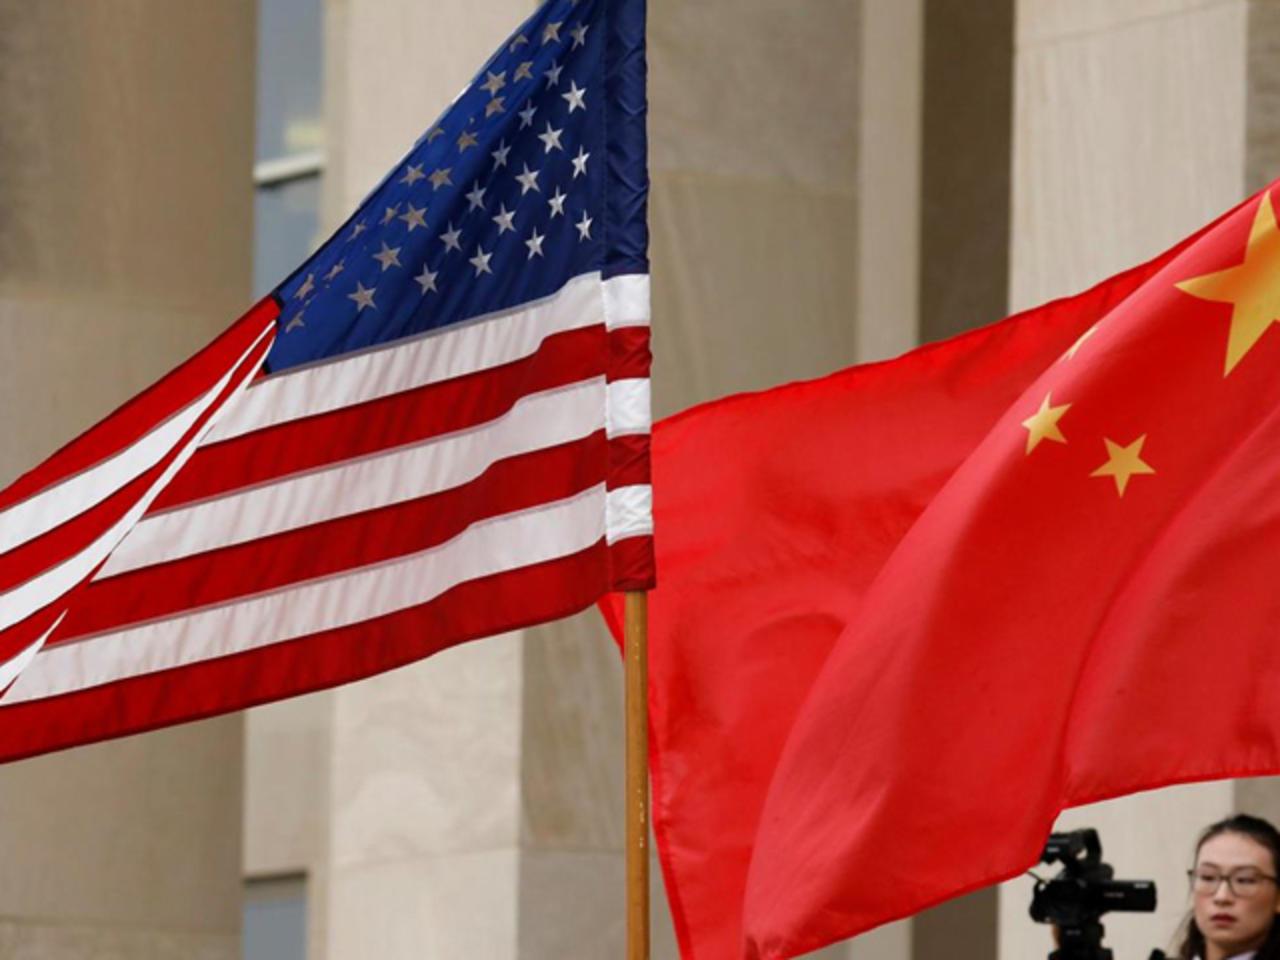 علم الولايات المتحدة بجانب العلم الصيني